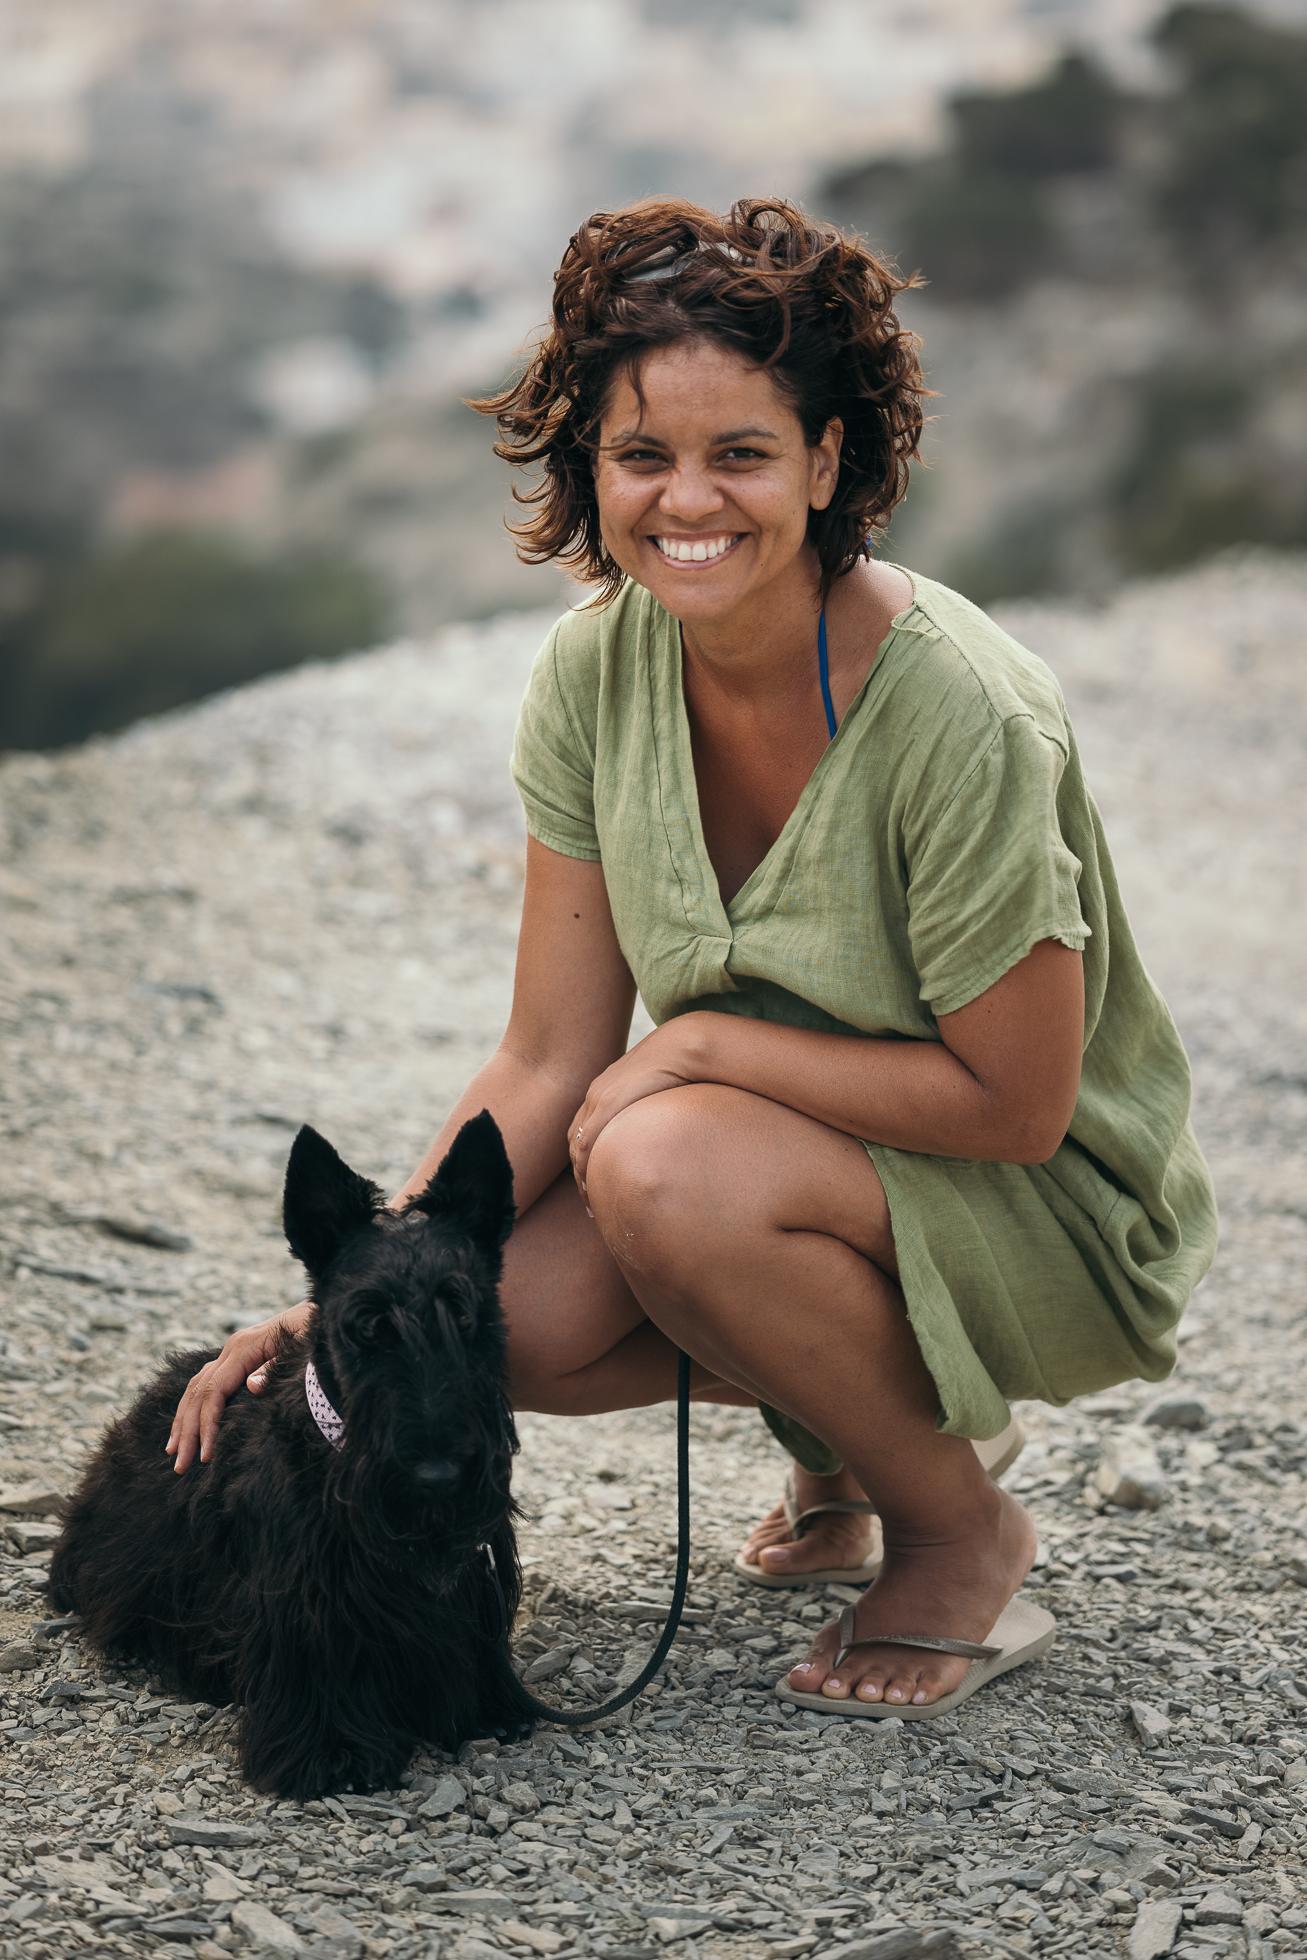 - With my beloved Scottish Terrier, Kali